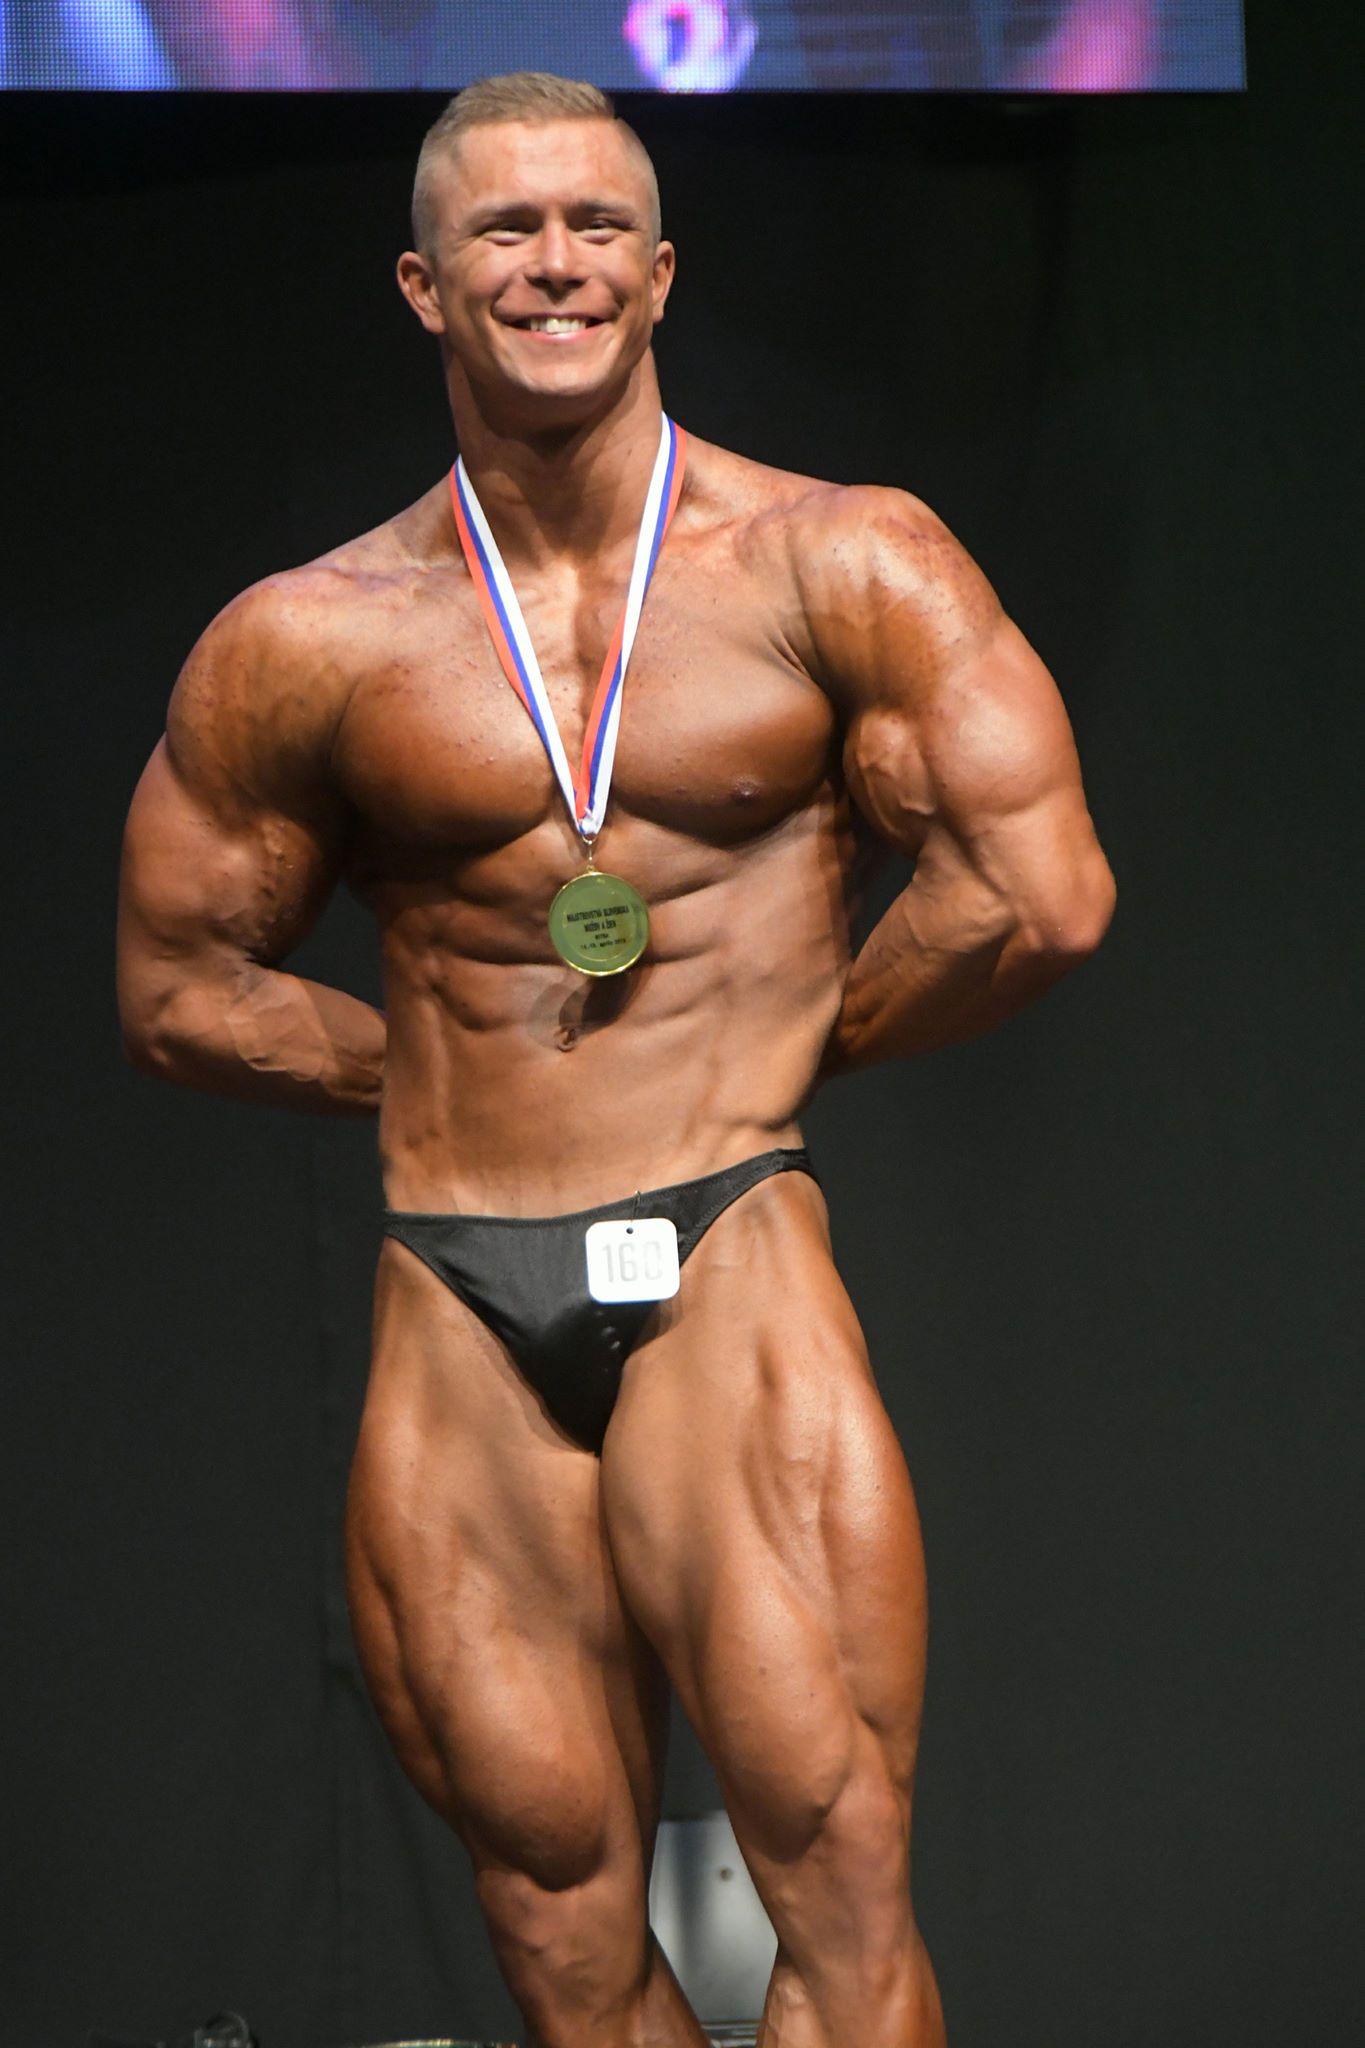 Jakub Vilimek